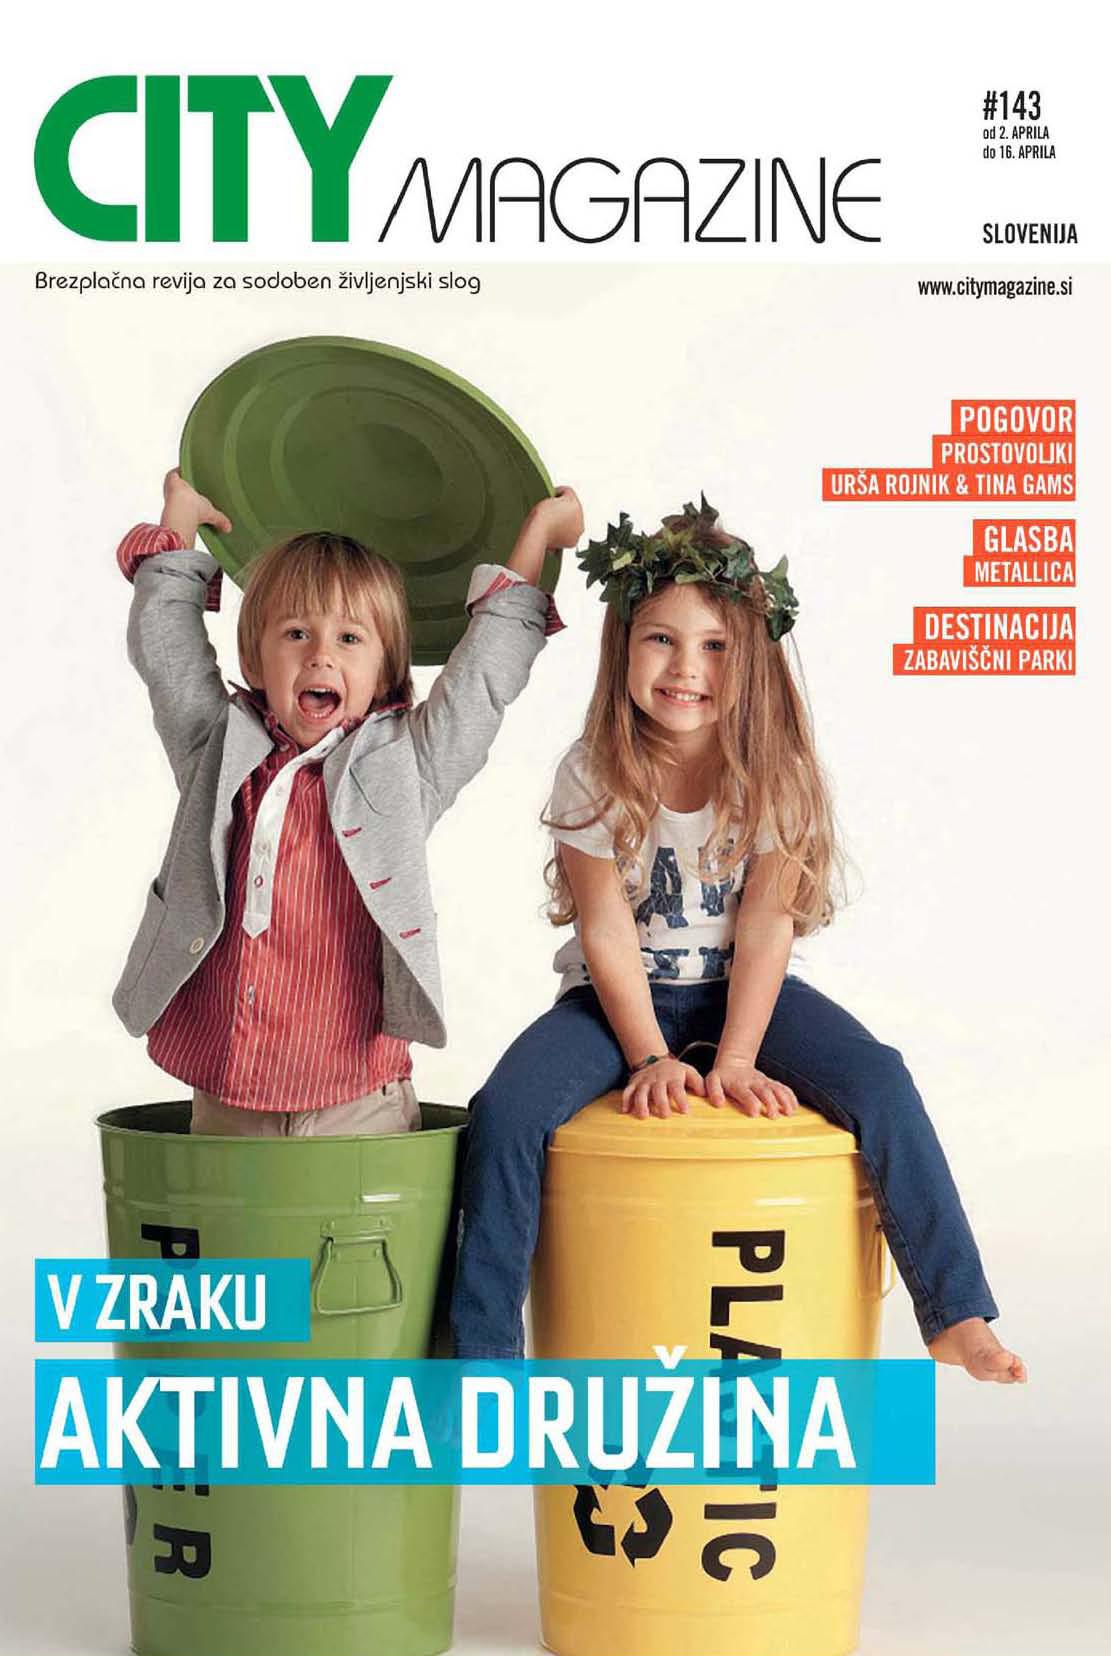 City Magazine - #143